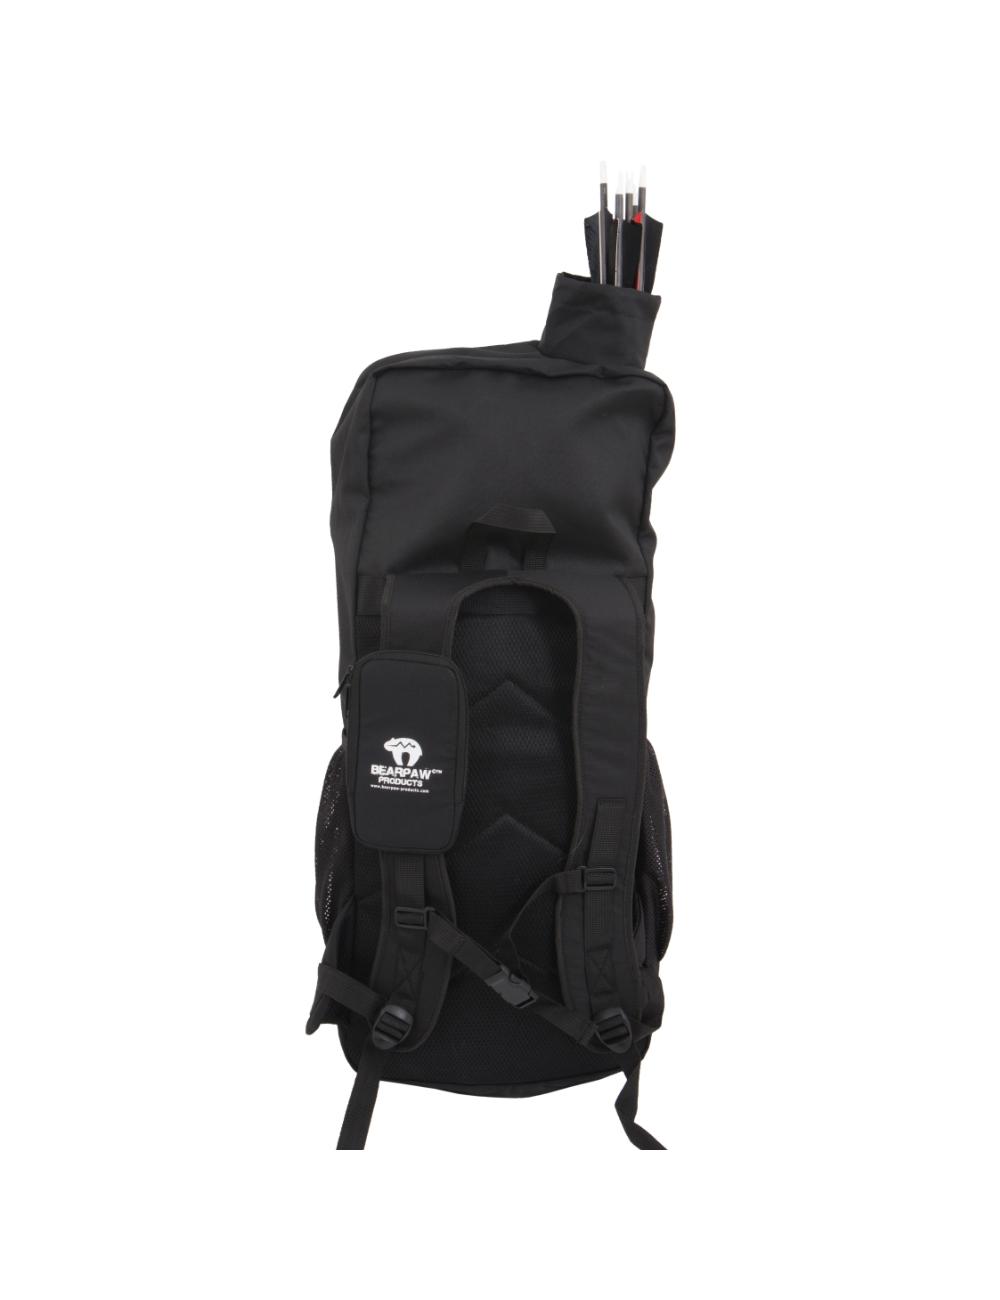 Bearpaw Rucksack large, schwarz